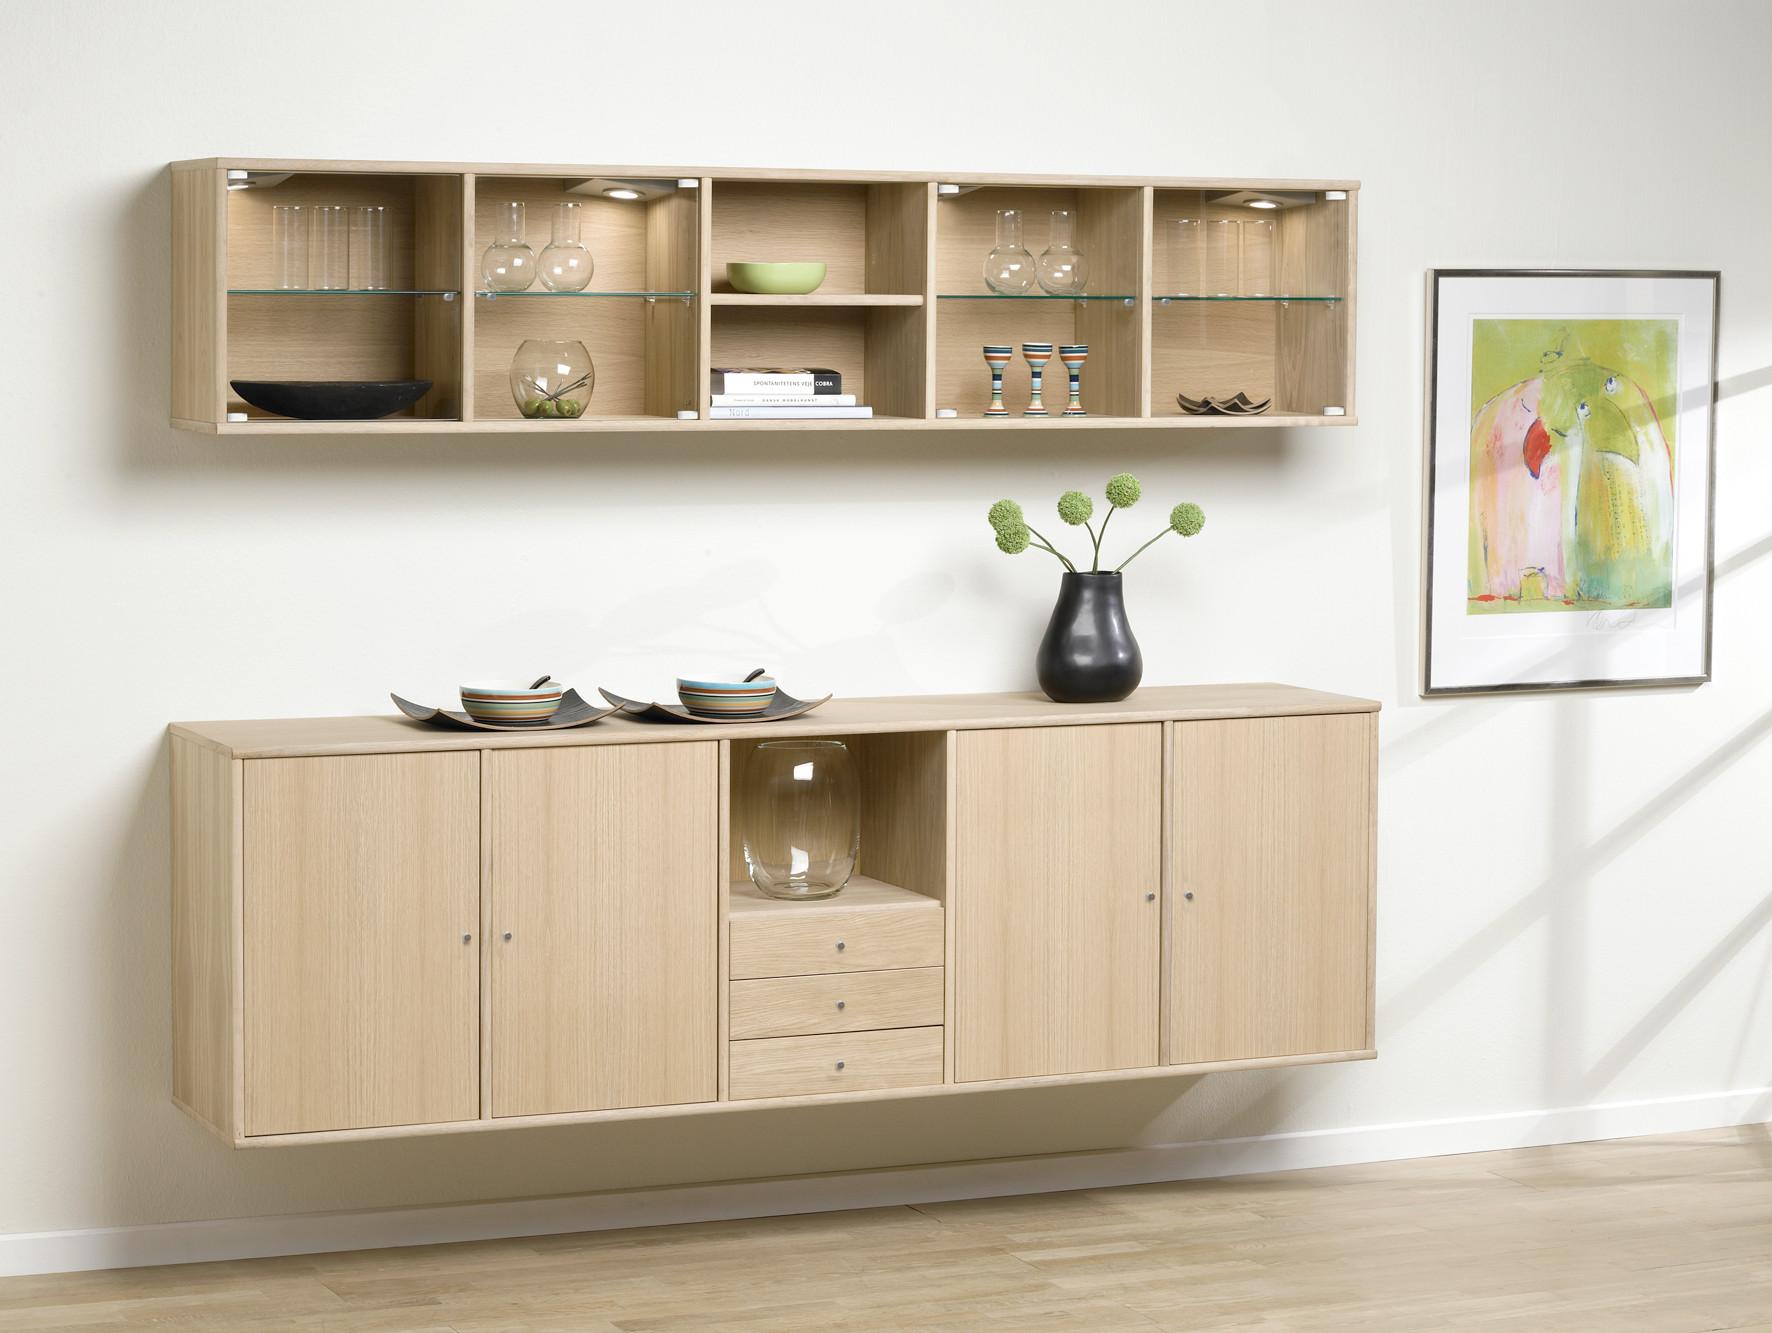 gades møbler Dansk reolklassiker konkurs   Wood Supply DK gades møbler